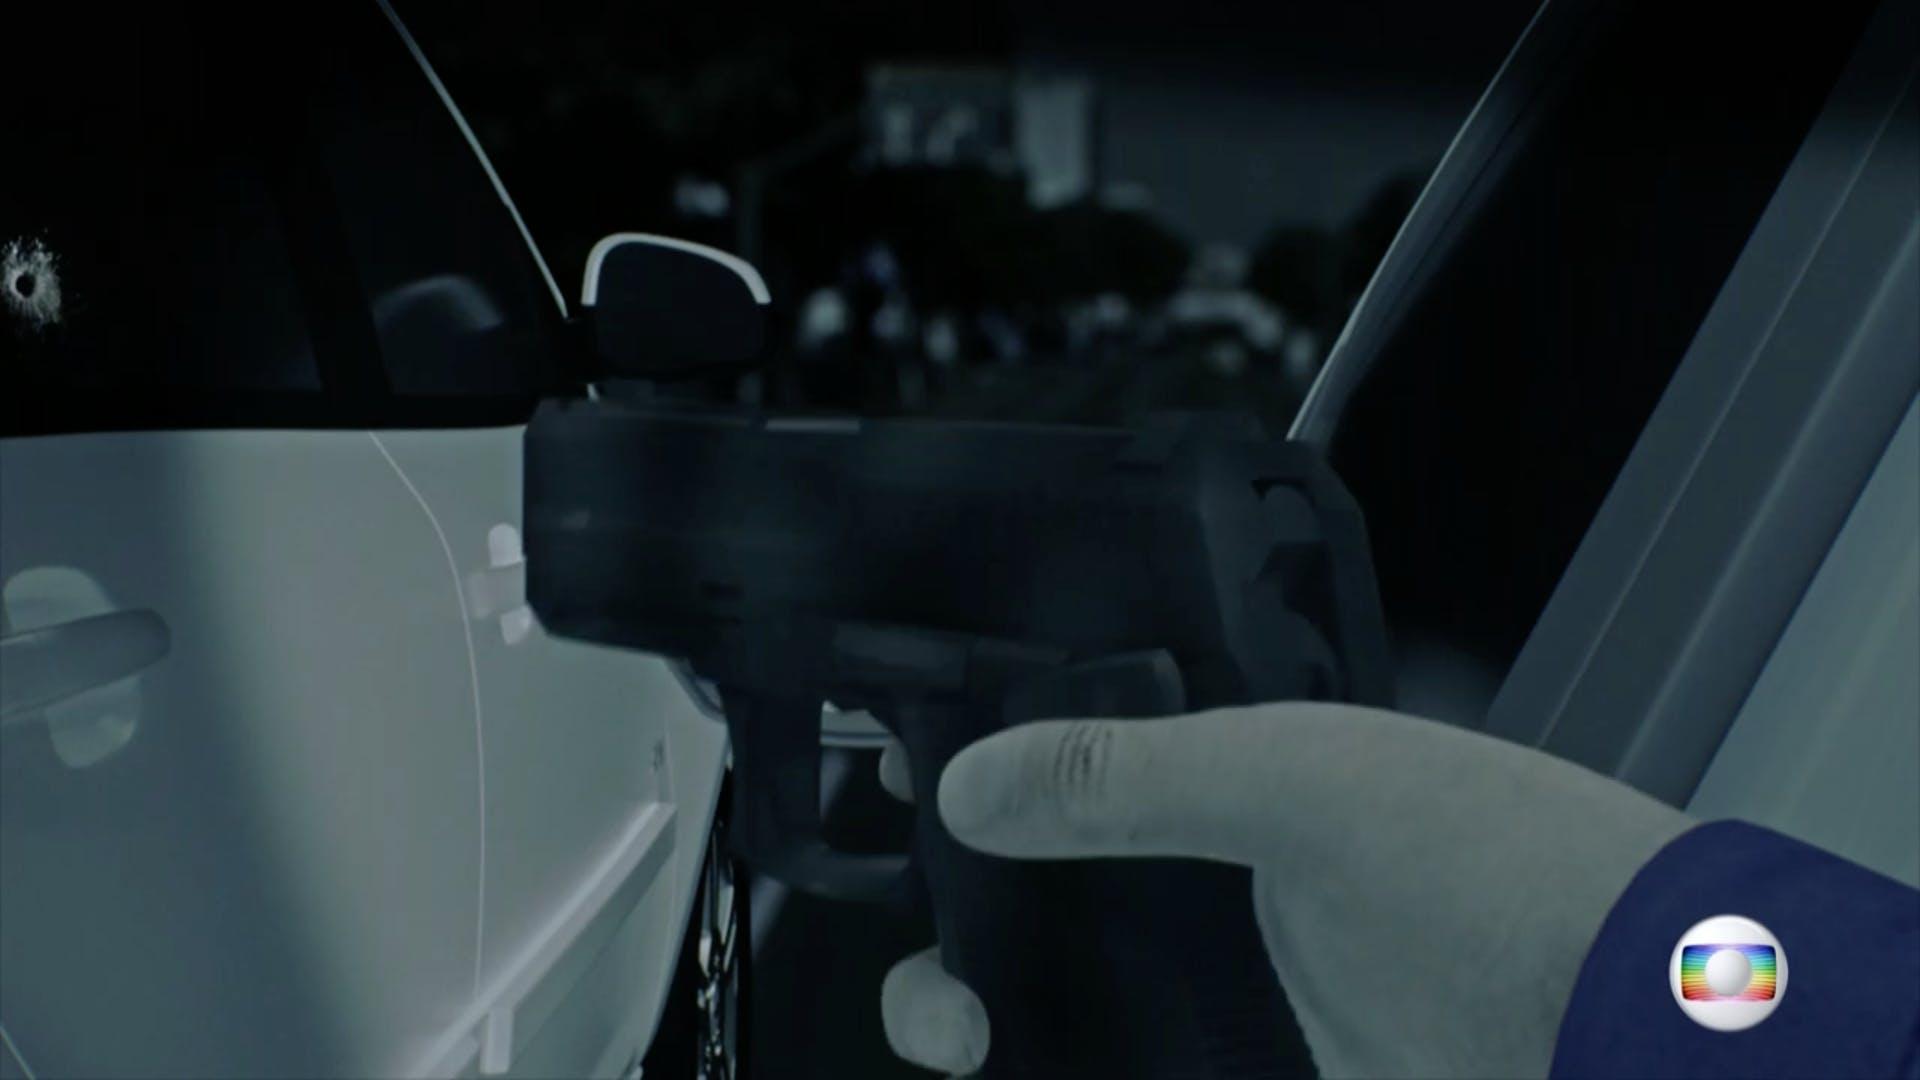 Captura de tela do programa Fantástico, que simulou o crime utilizando a imagem de uma pistola.